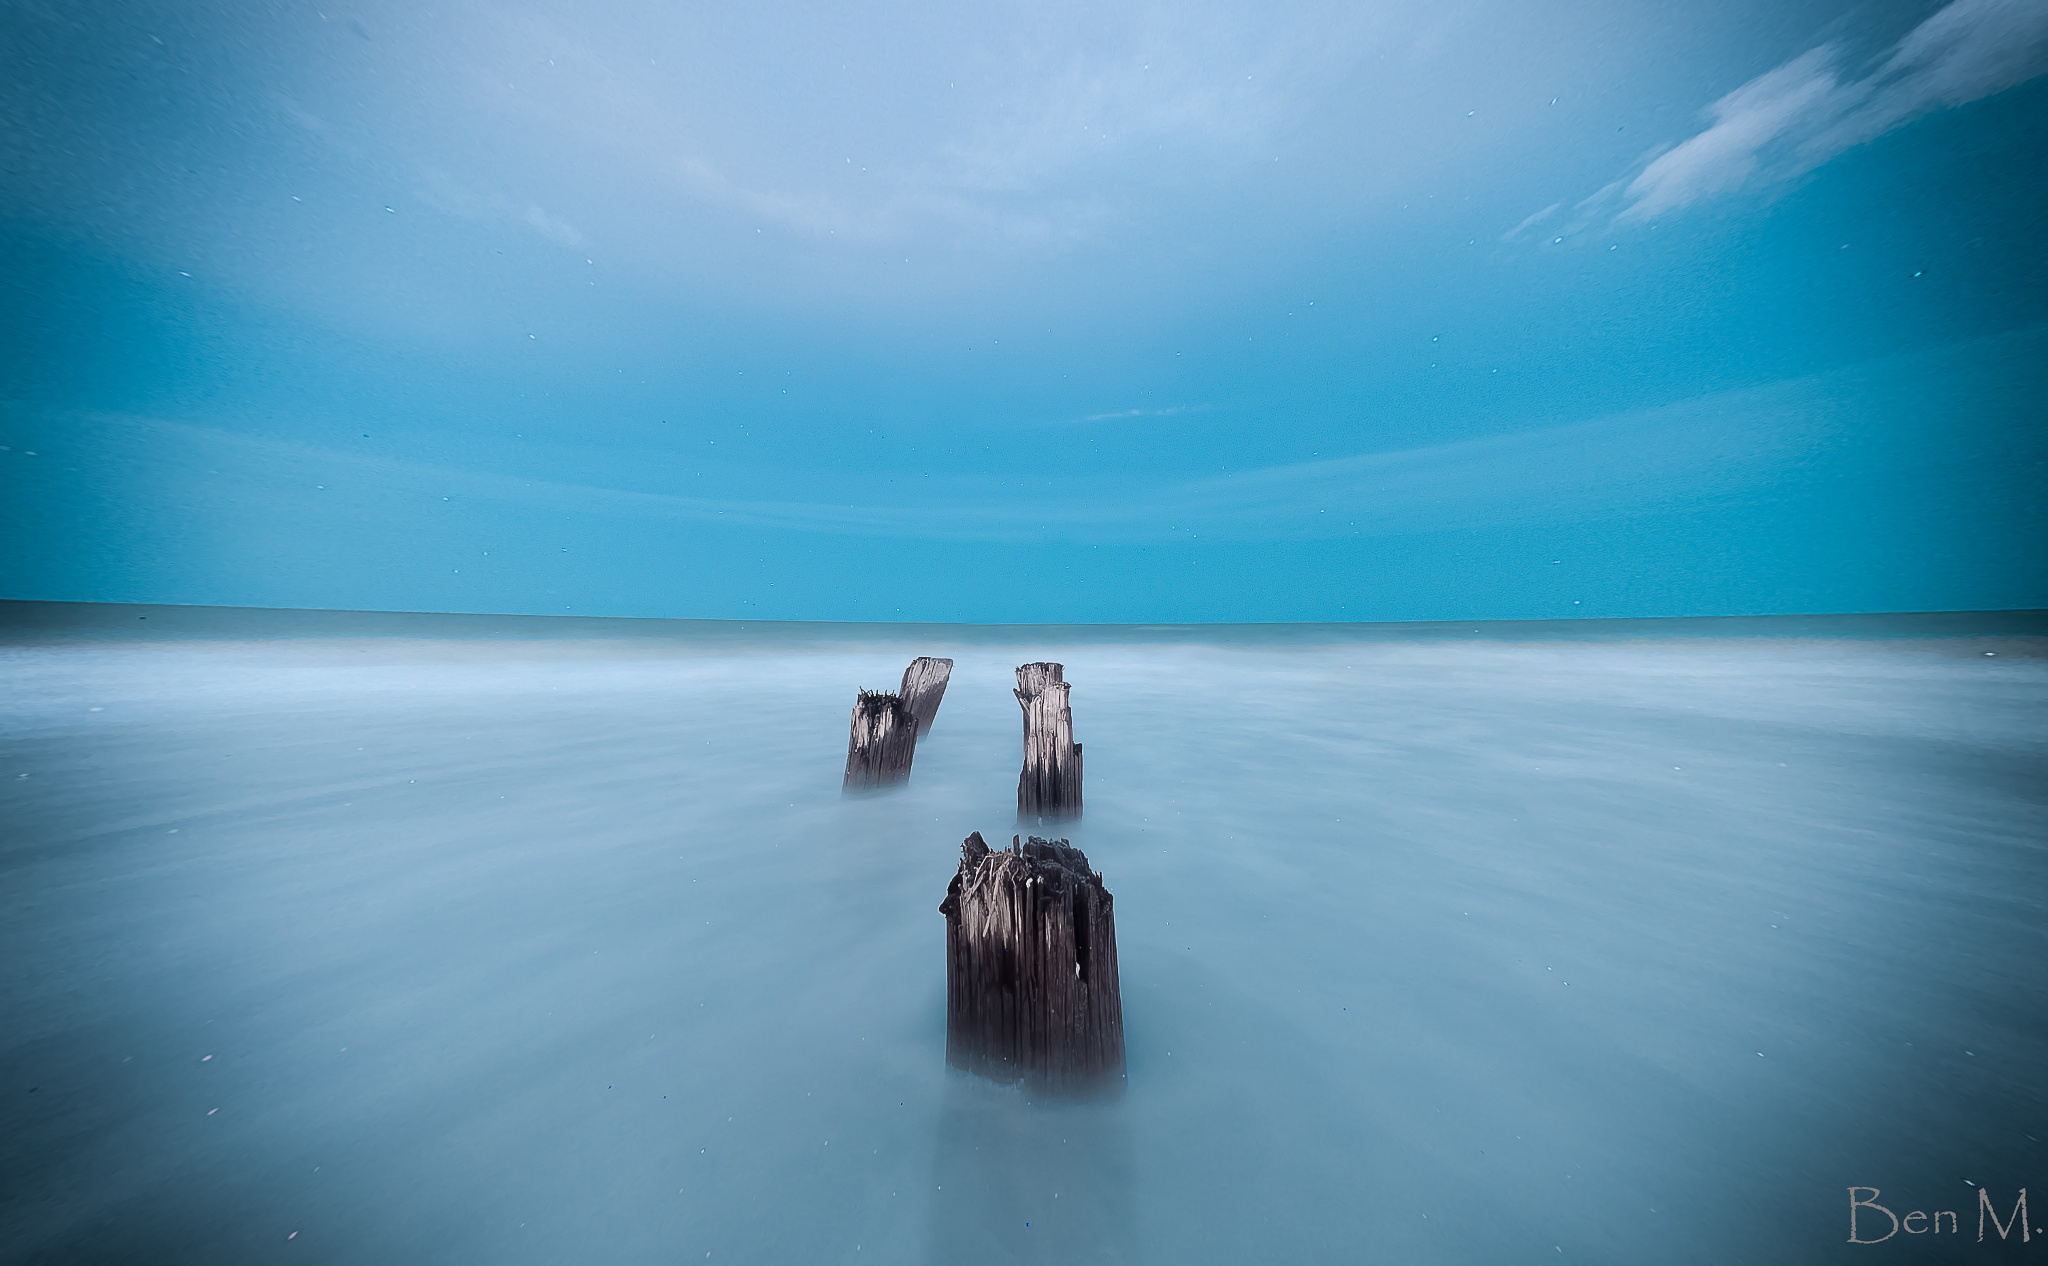 Beach Day by Ben Maiden